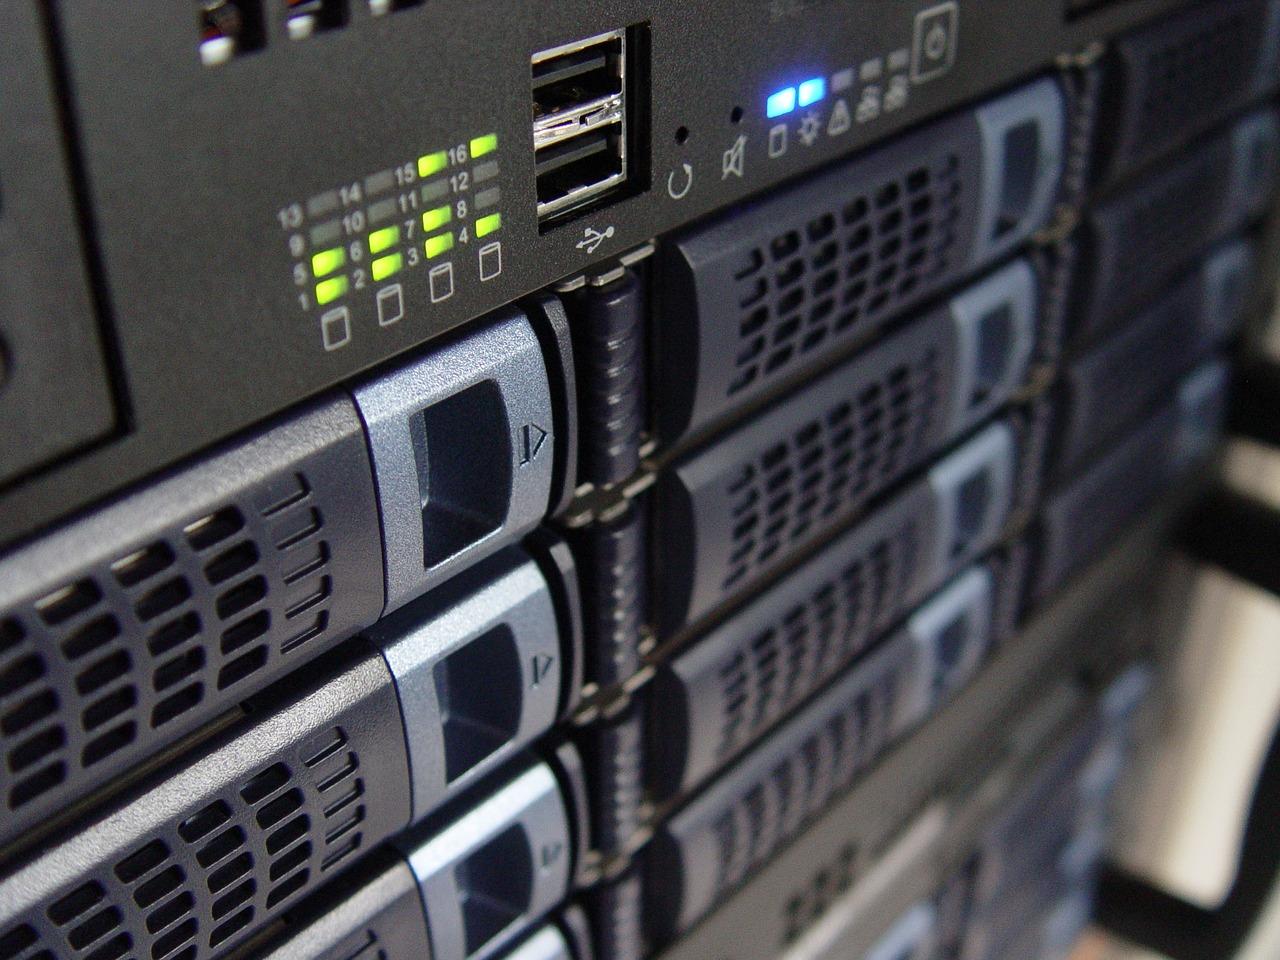 ICYMI VMware vCenter 6.5 is now GA